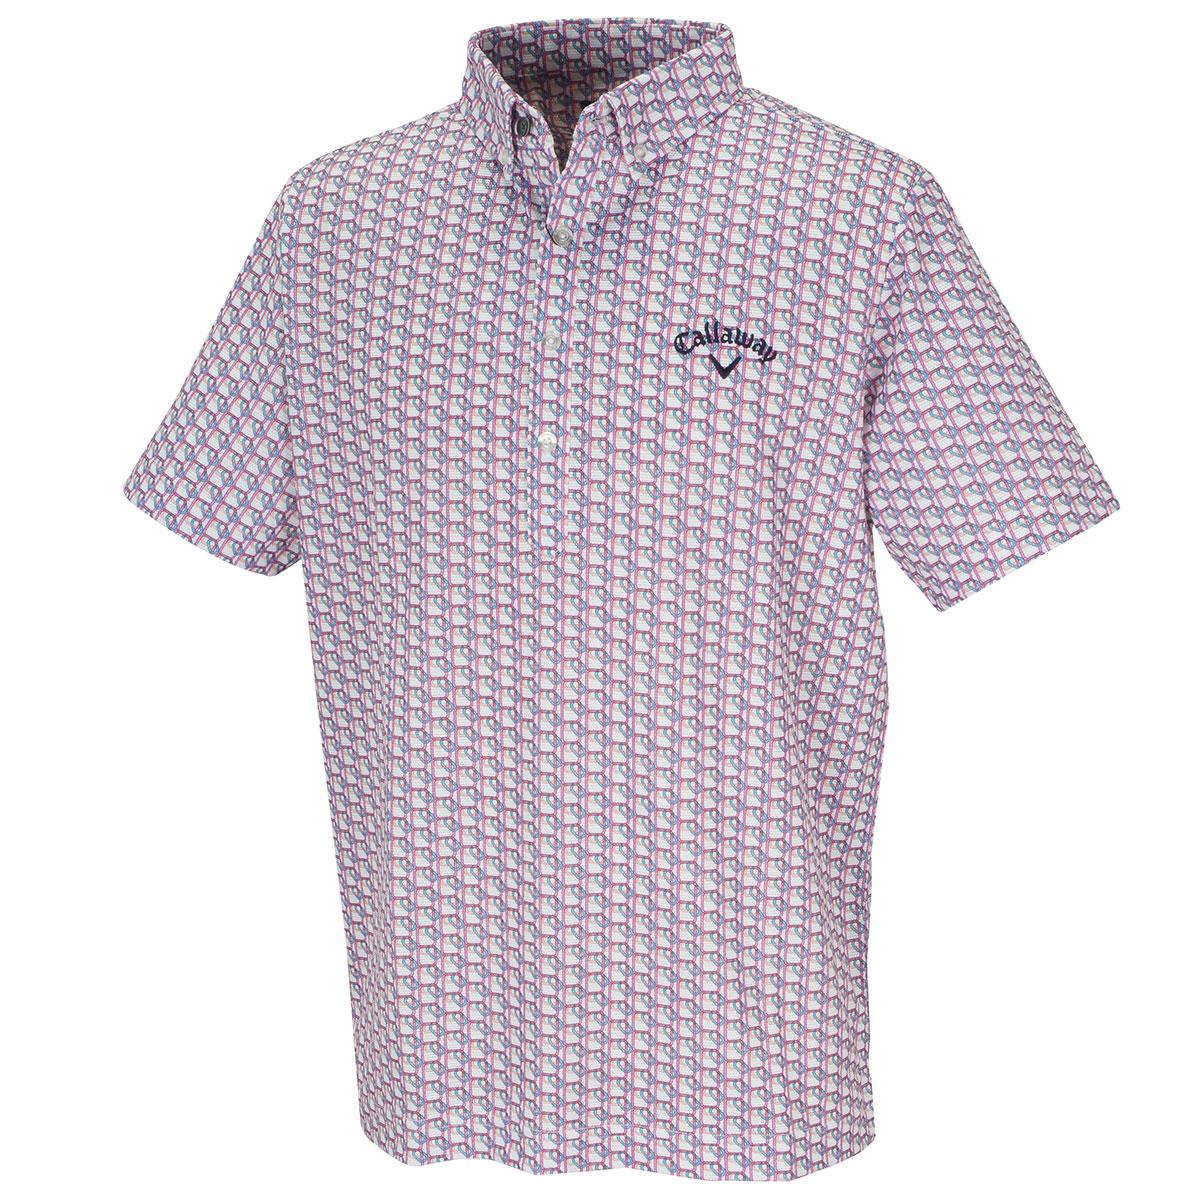 滑走路プリント ボタンダウンボックス半袖ポロシャツ